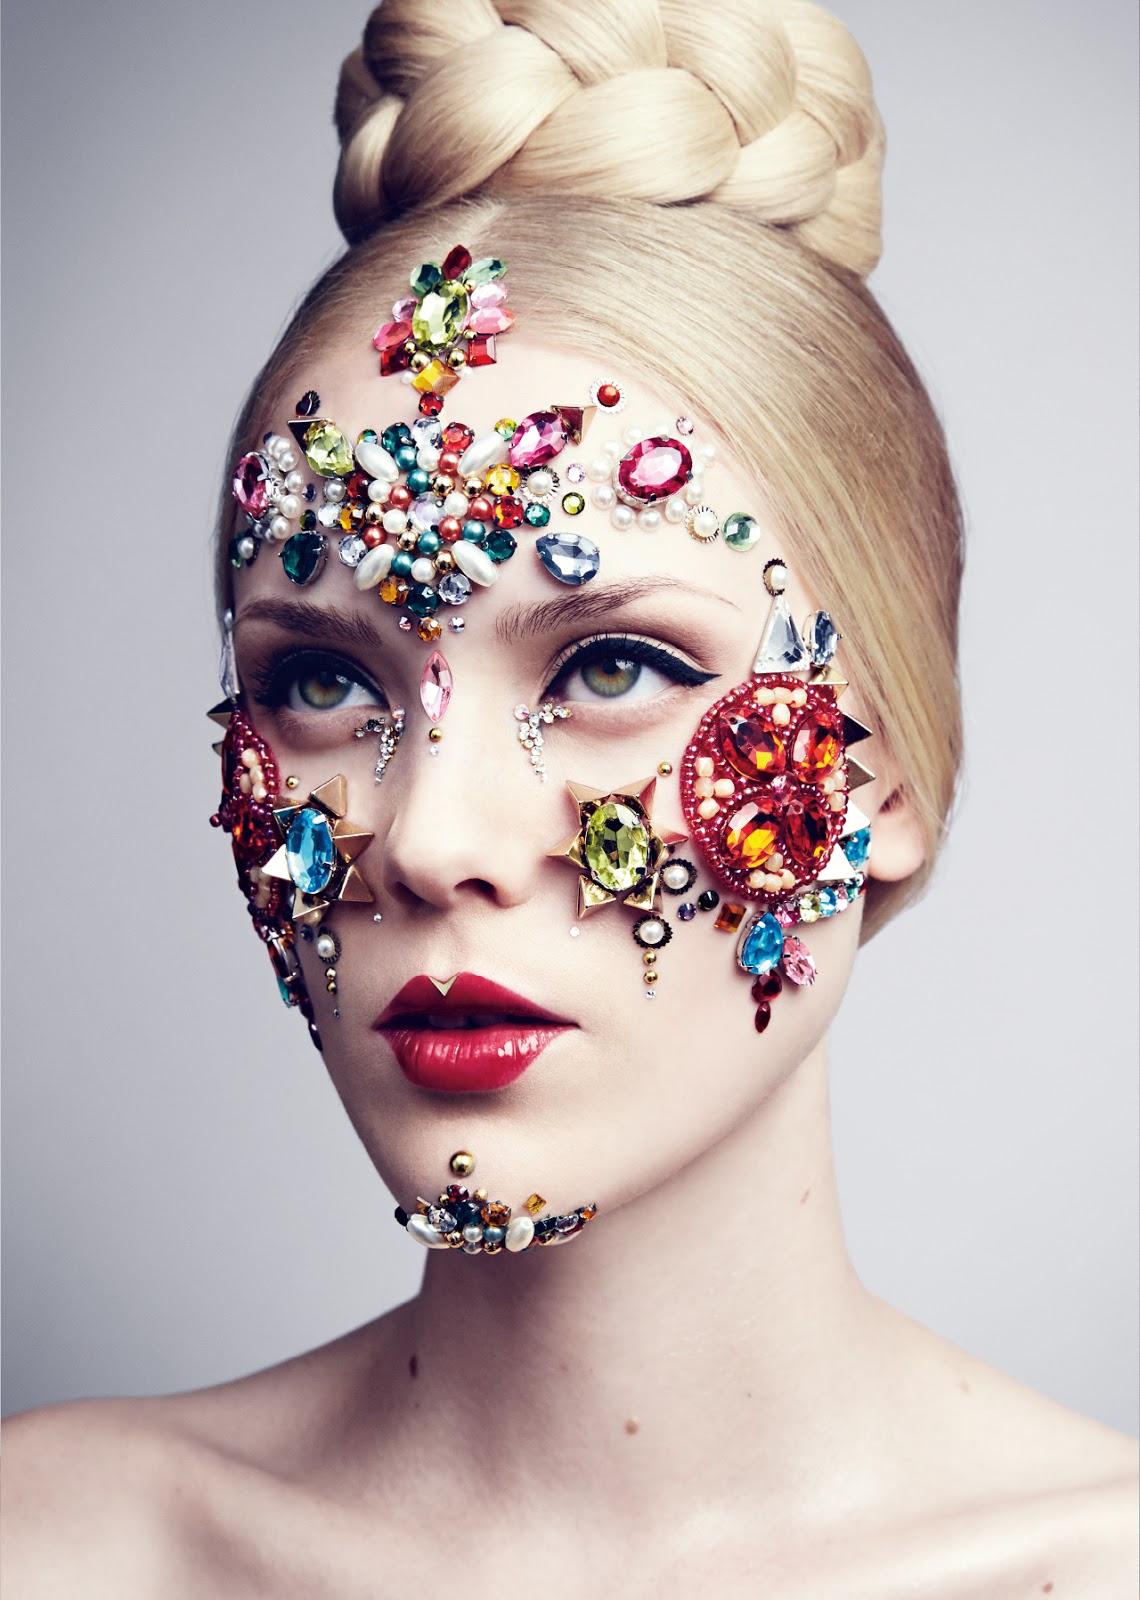 NK-Haute-cosmetics-ad-campaign-1